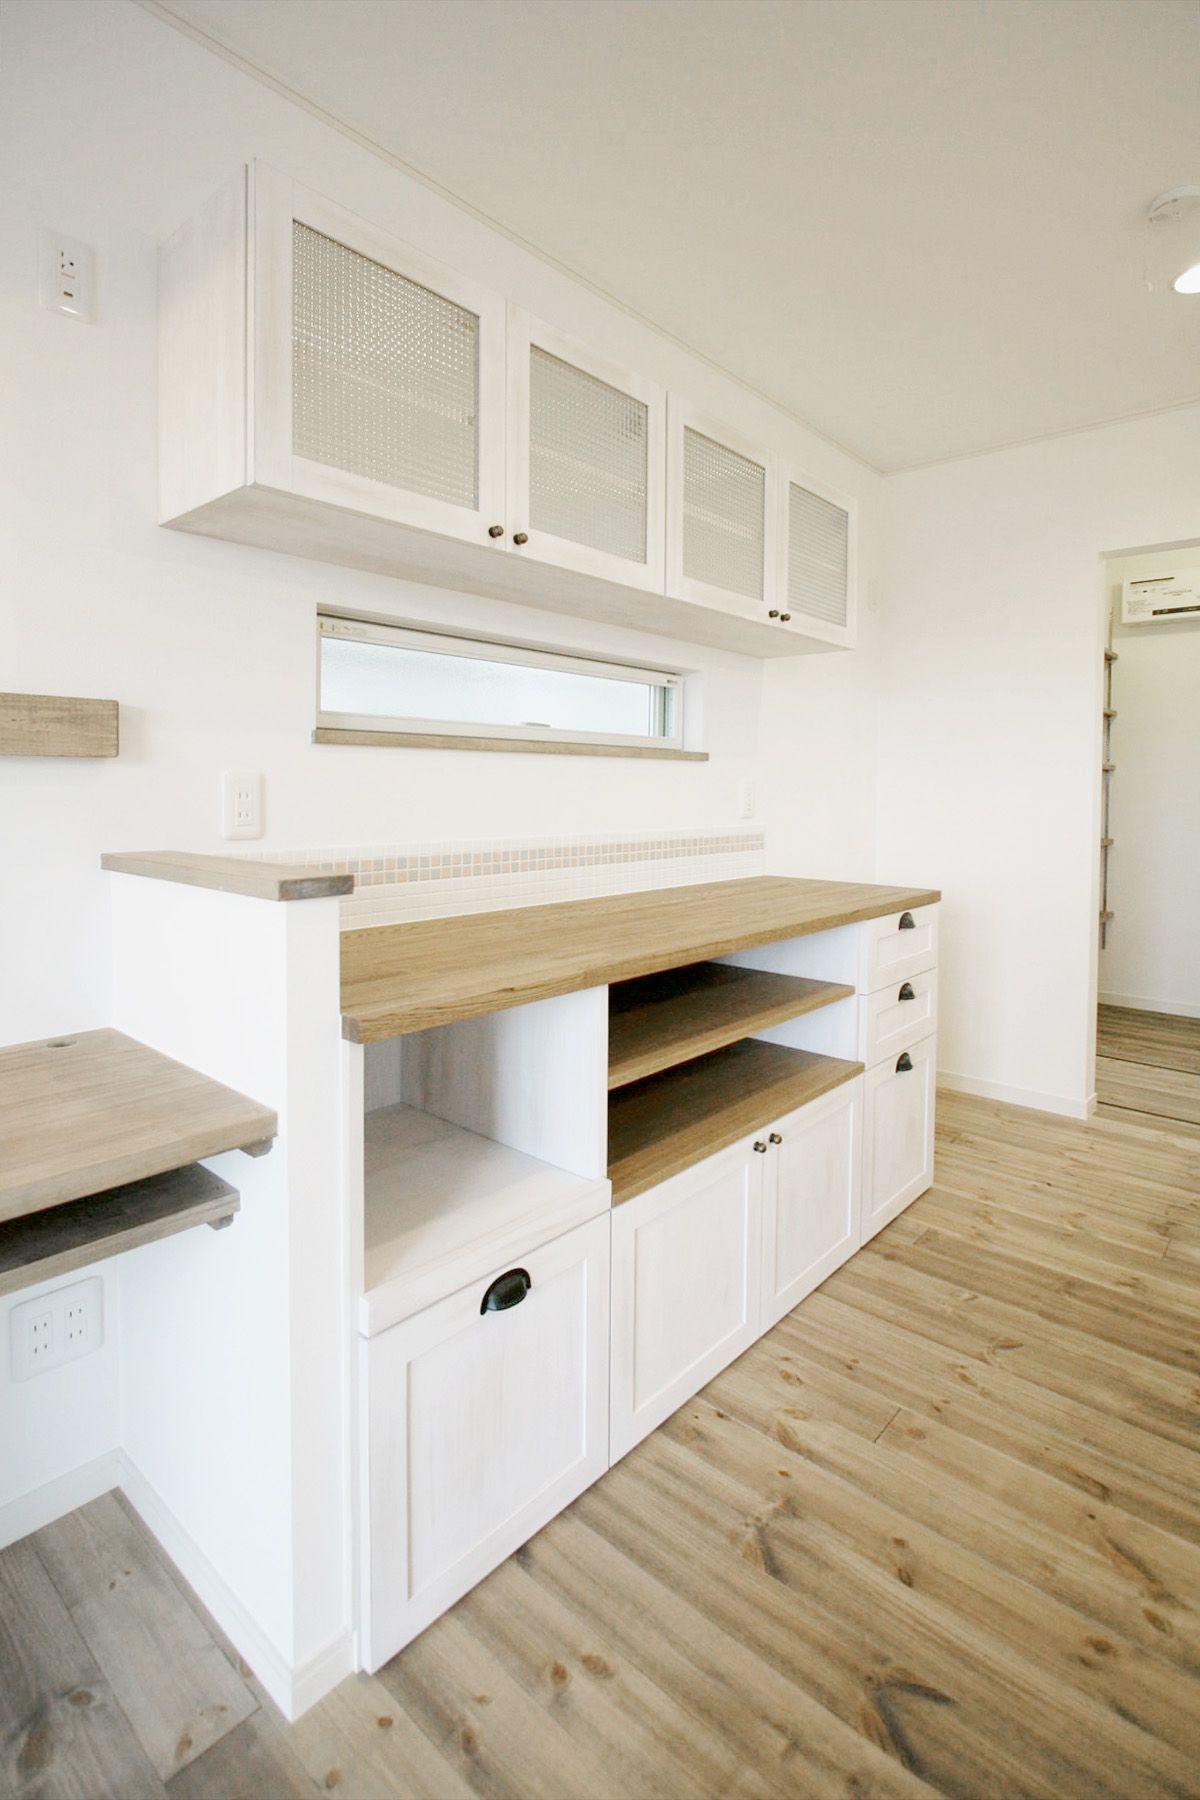 キッチン キッチン収納 バックキャビネット 造作収納 カフェ